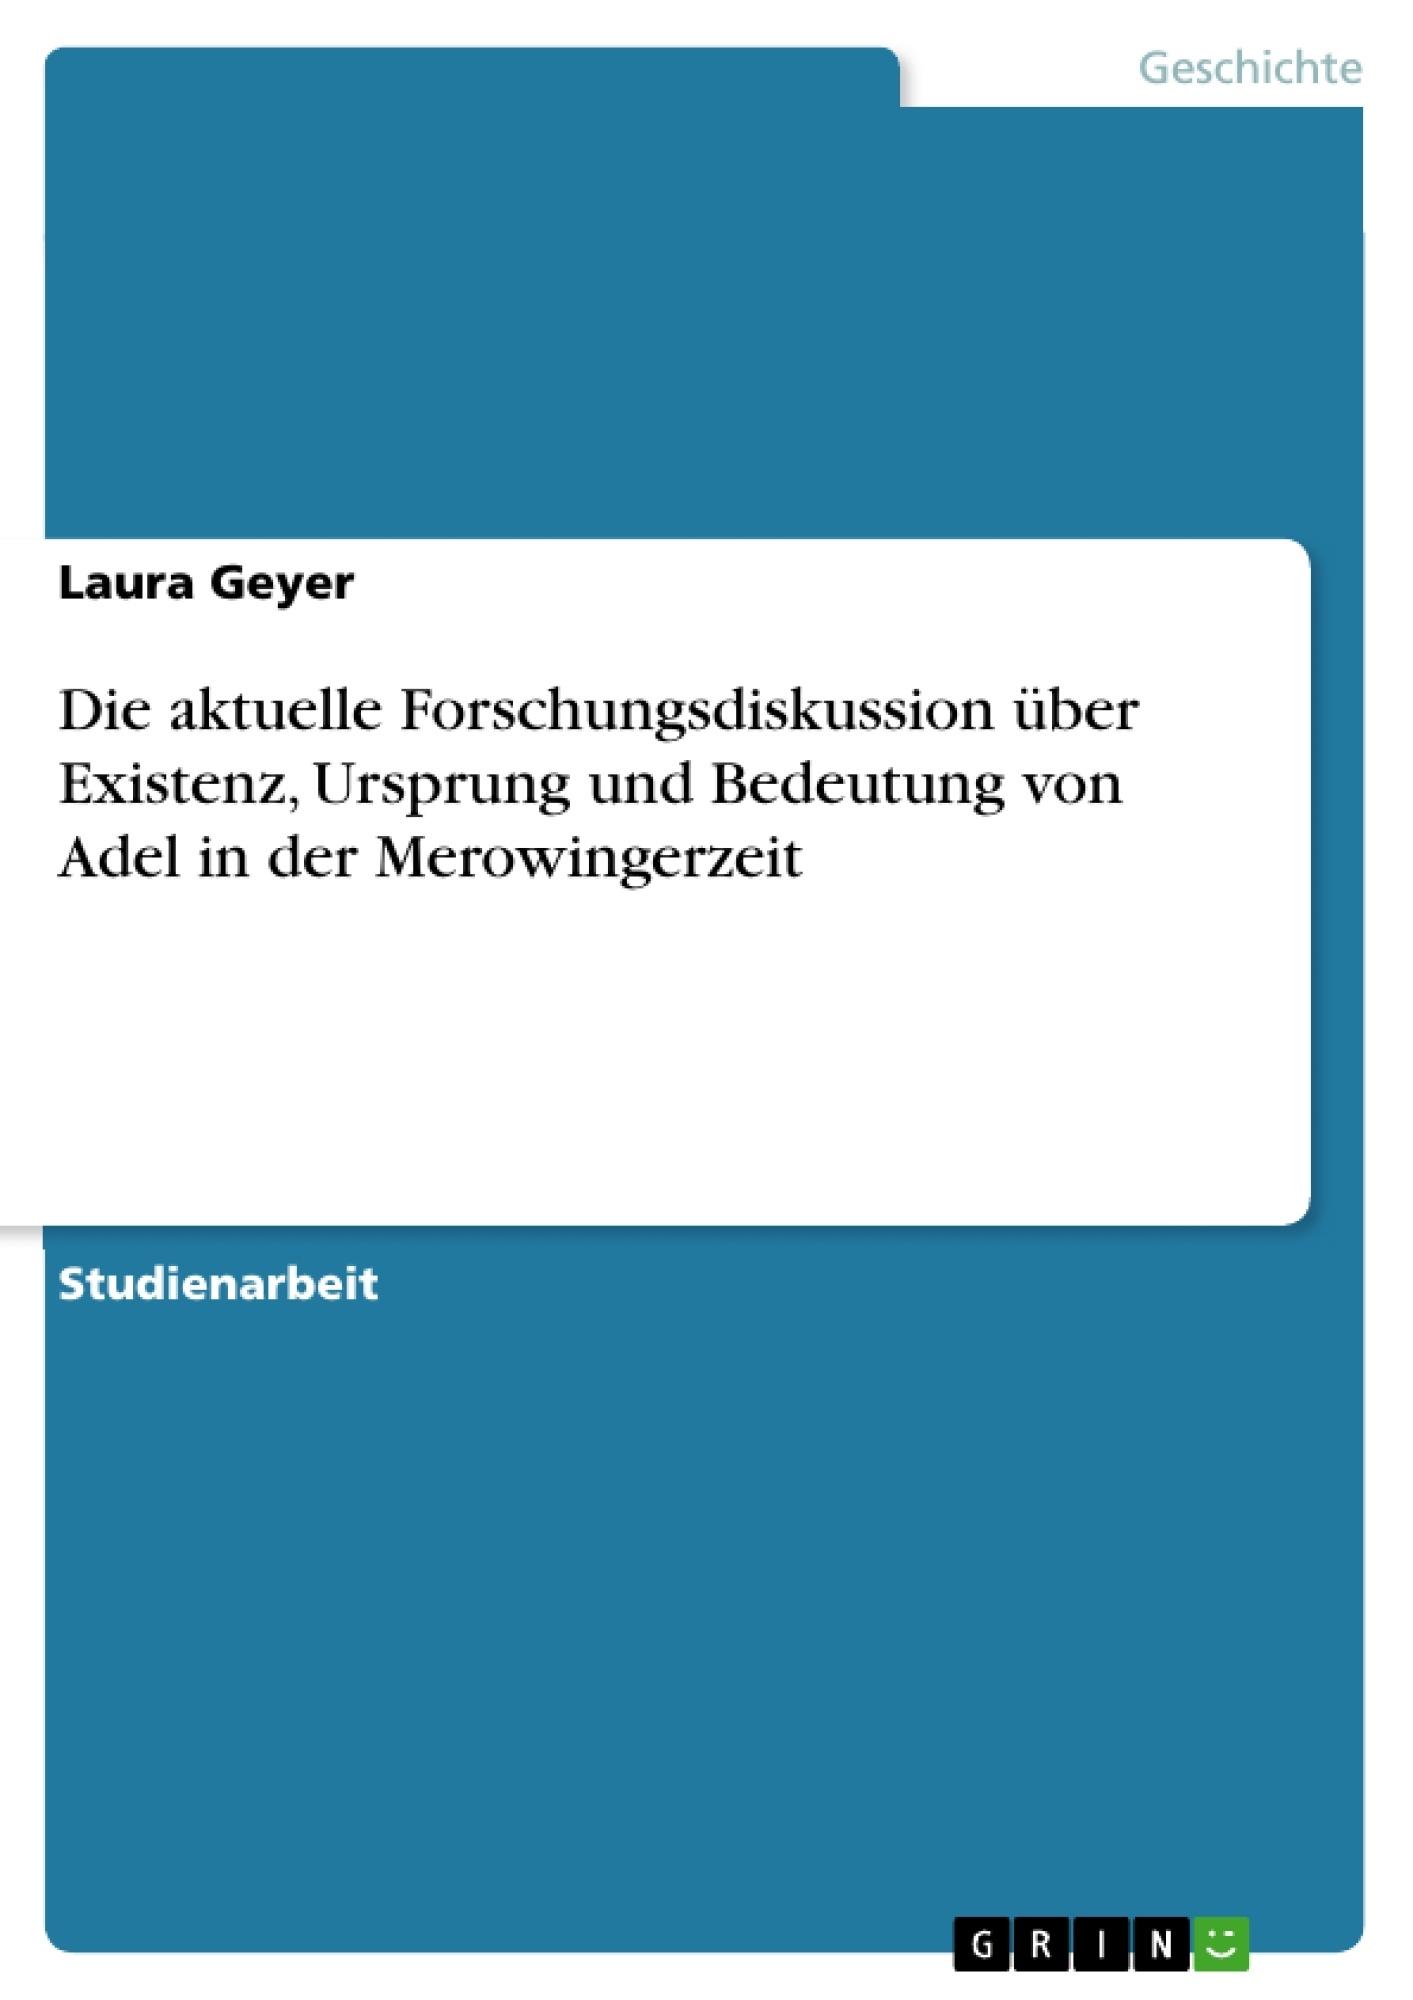 Titel: Die aktuelle Forschungsdiskussion über Existenz, Ursprung und Bedeutung von Adel in der Merowingerzeit